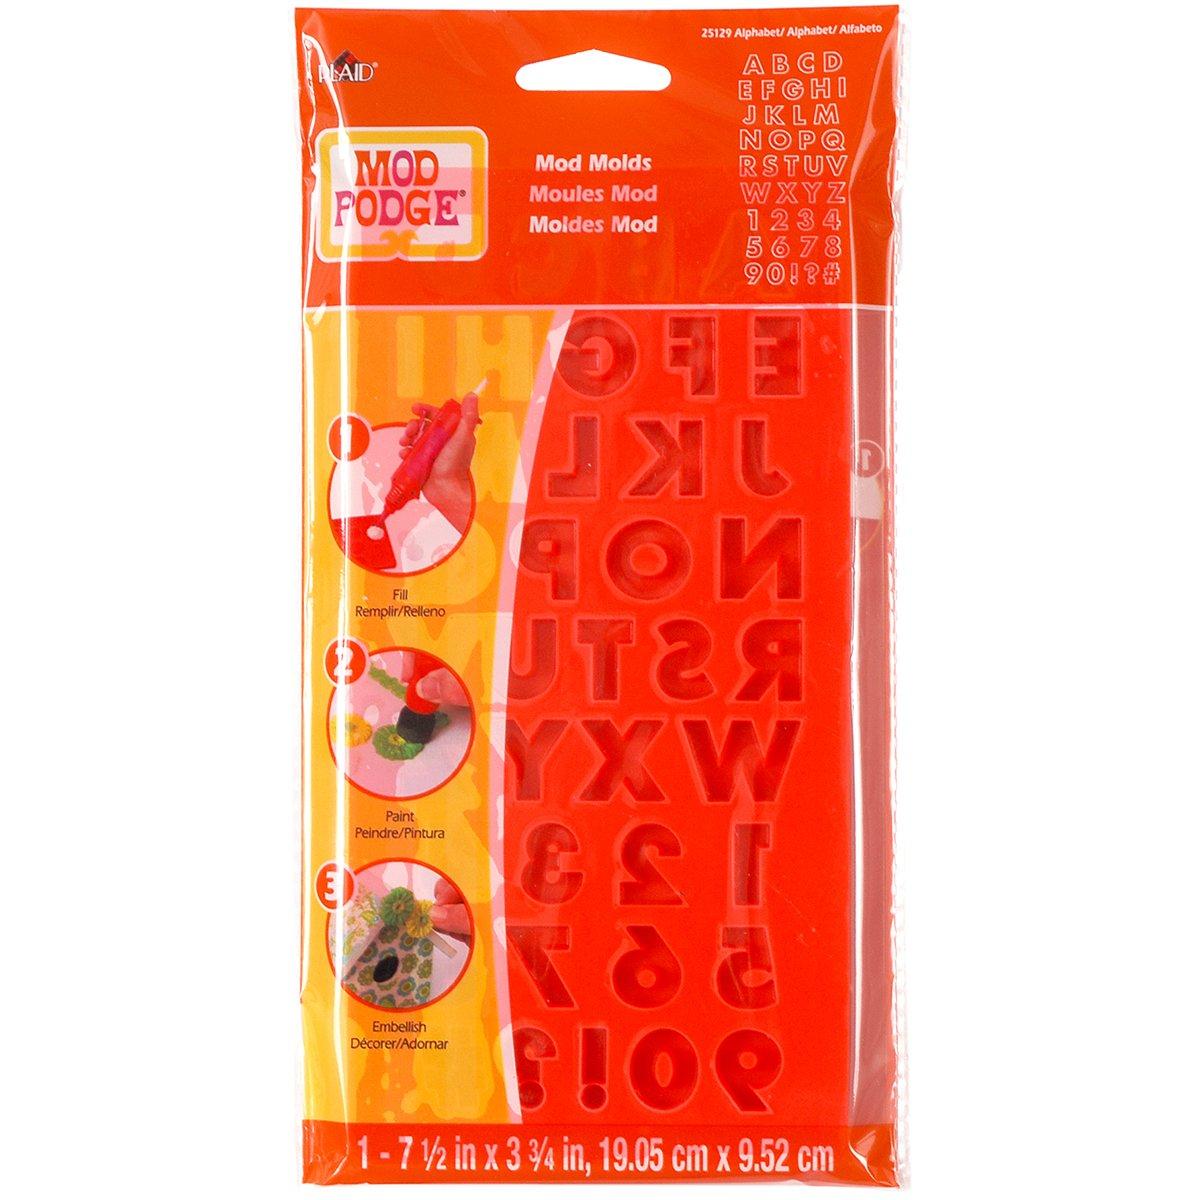 Mod Podge - Stampo con lettere dell'alfabeto, trasparente, misura: L Plaid Enterprises Inc 25129